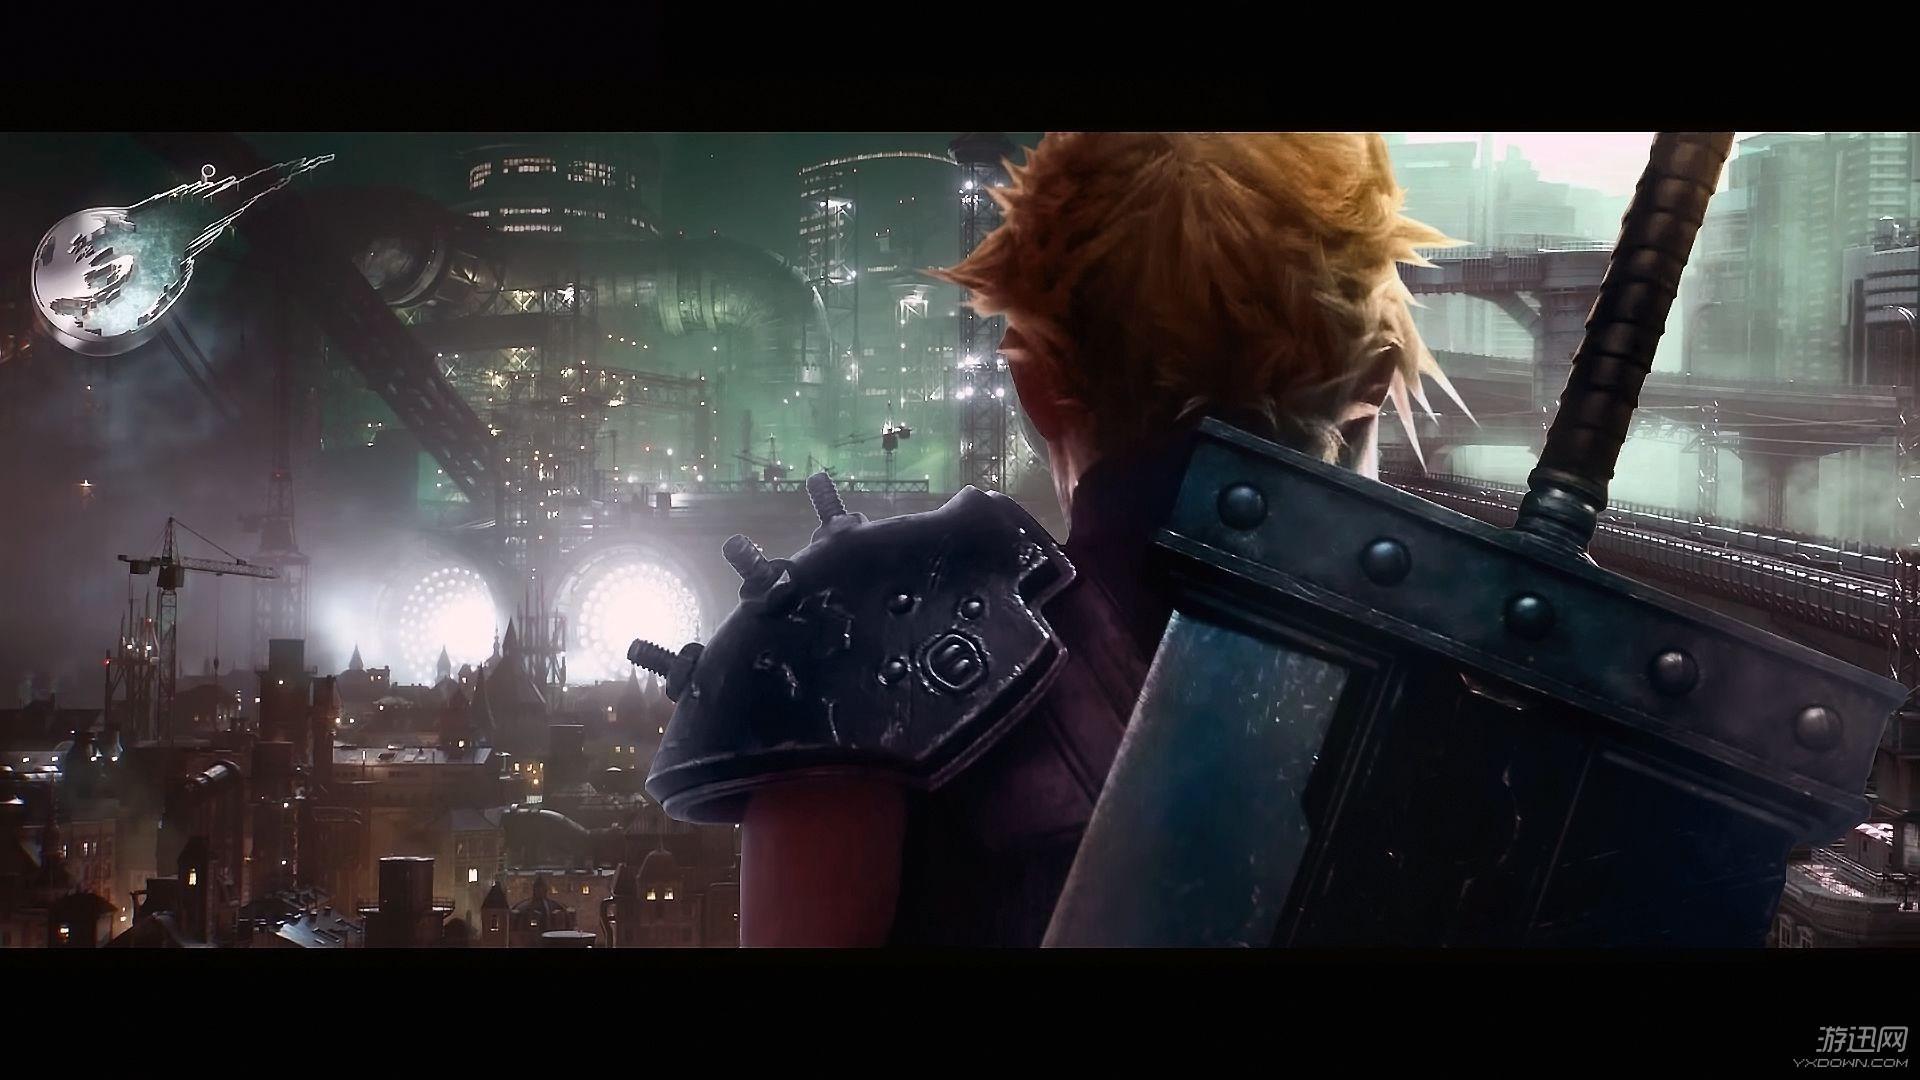 《最终幻想7重制版》分段发售 每段都是完整游戏